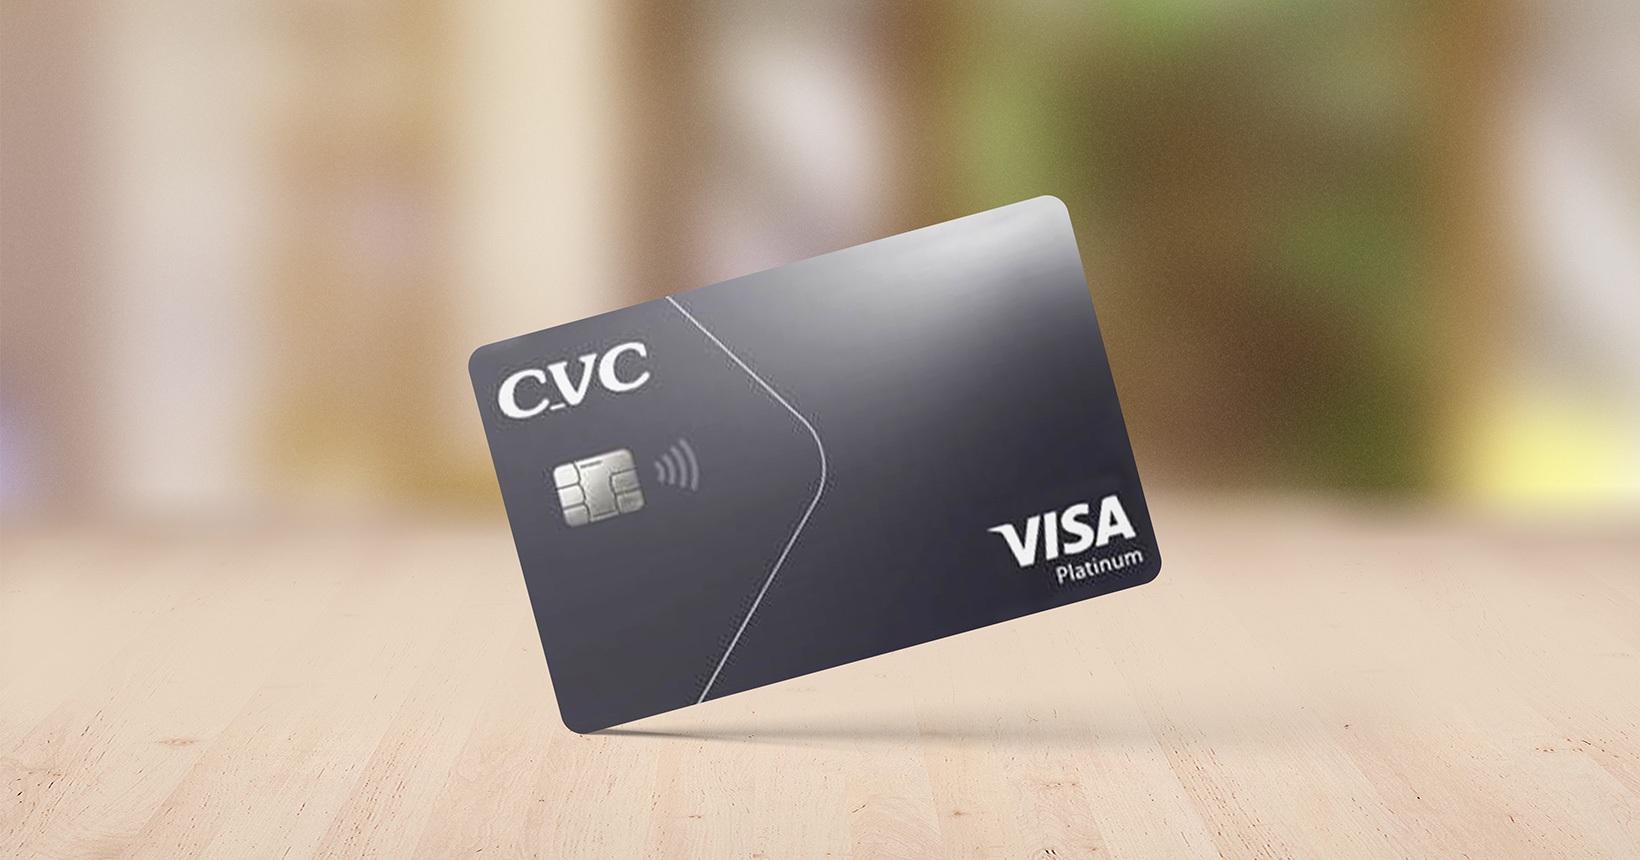 CVC Cartão Platinum Visa - Saiba Como Solicitar Agora